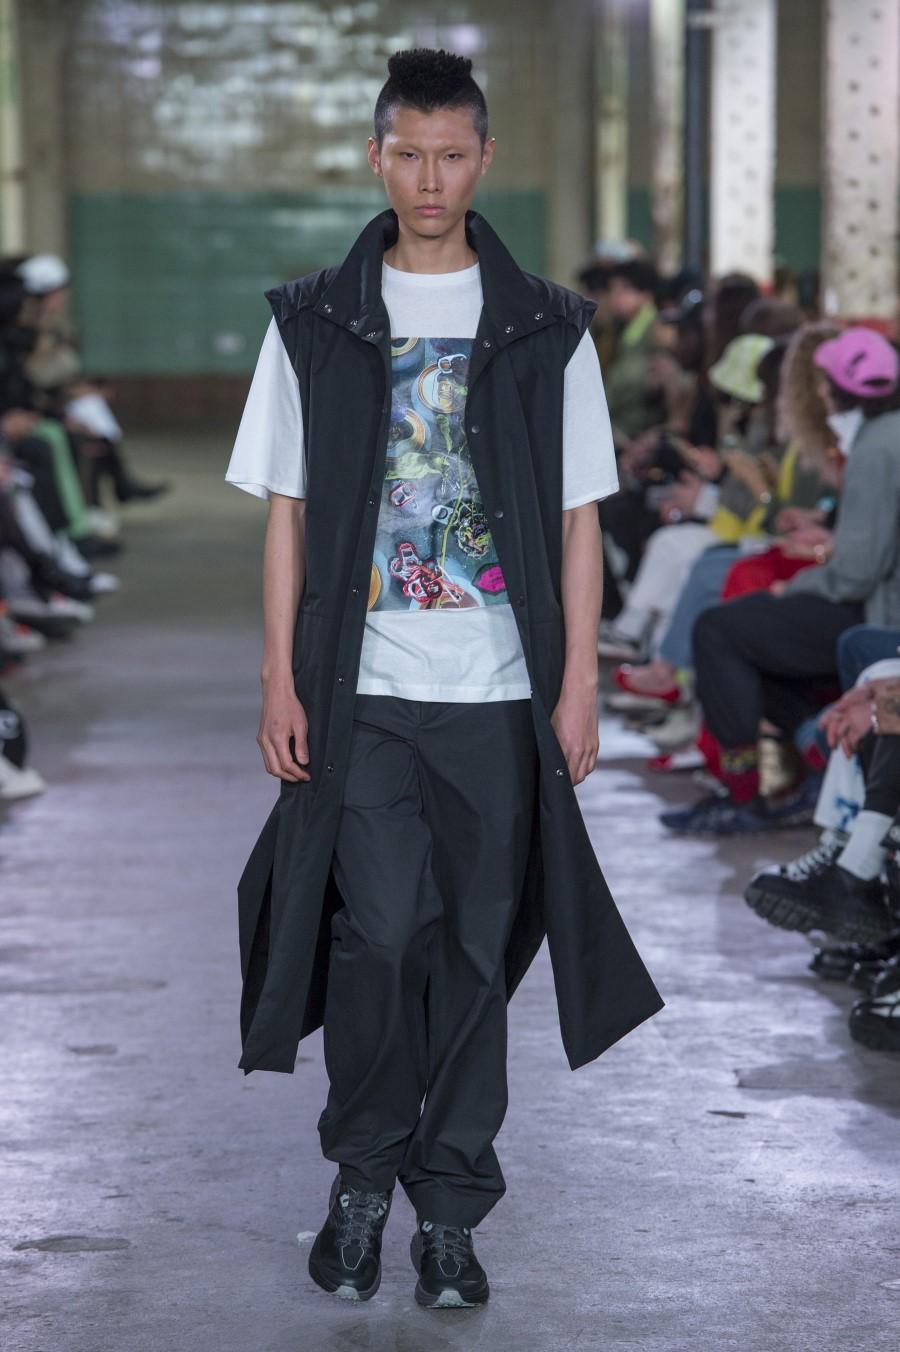 JordanLuca - Printemps-Été 2020 - London Fashion Week Men's